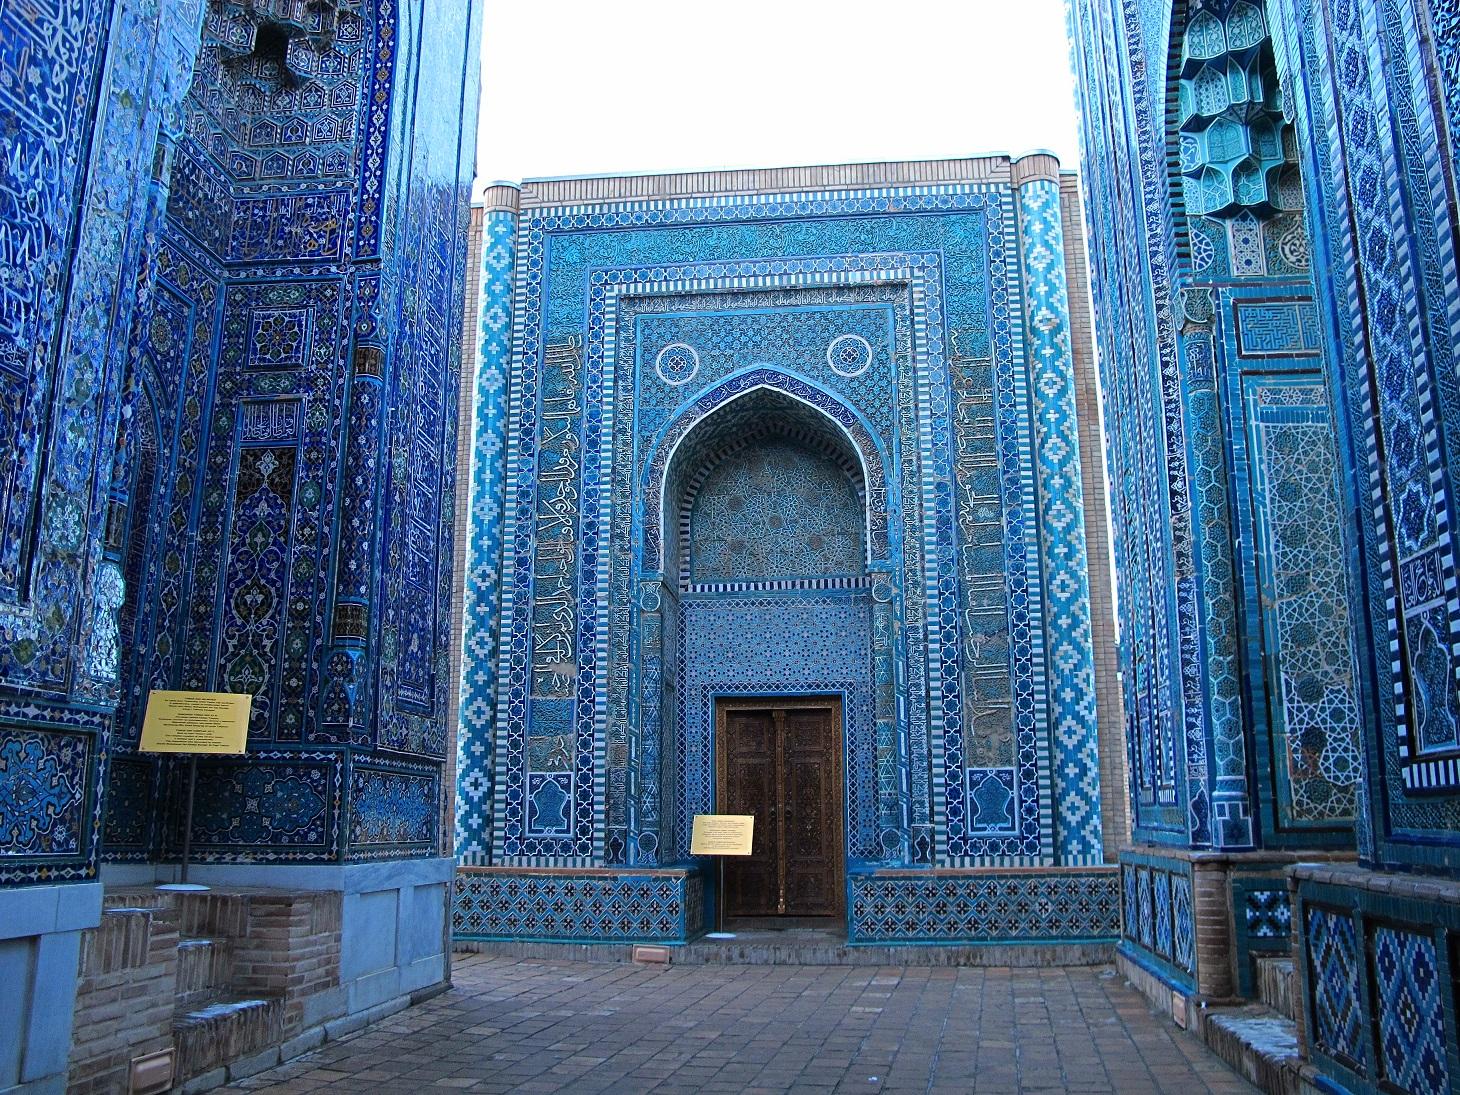 Mausoleo Shah i Zinda